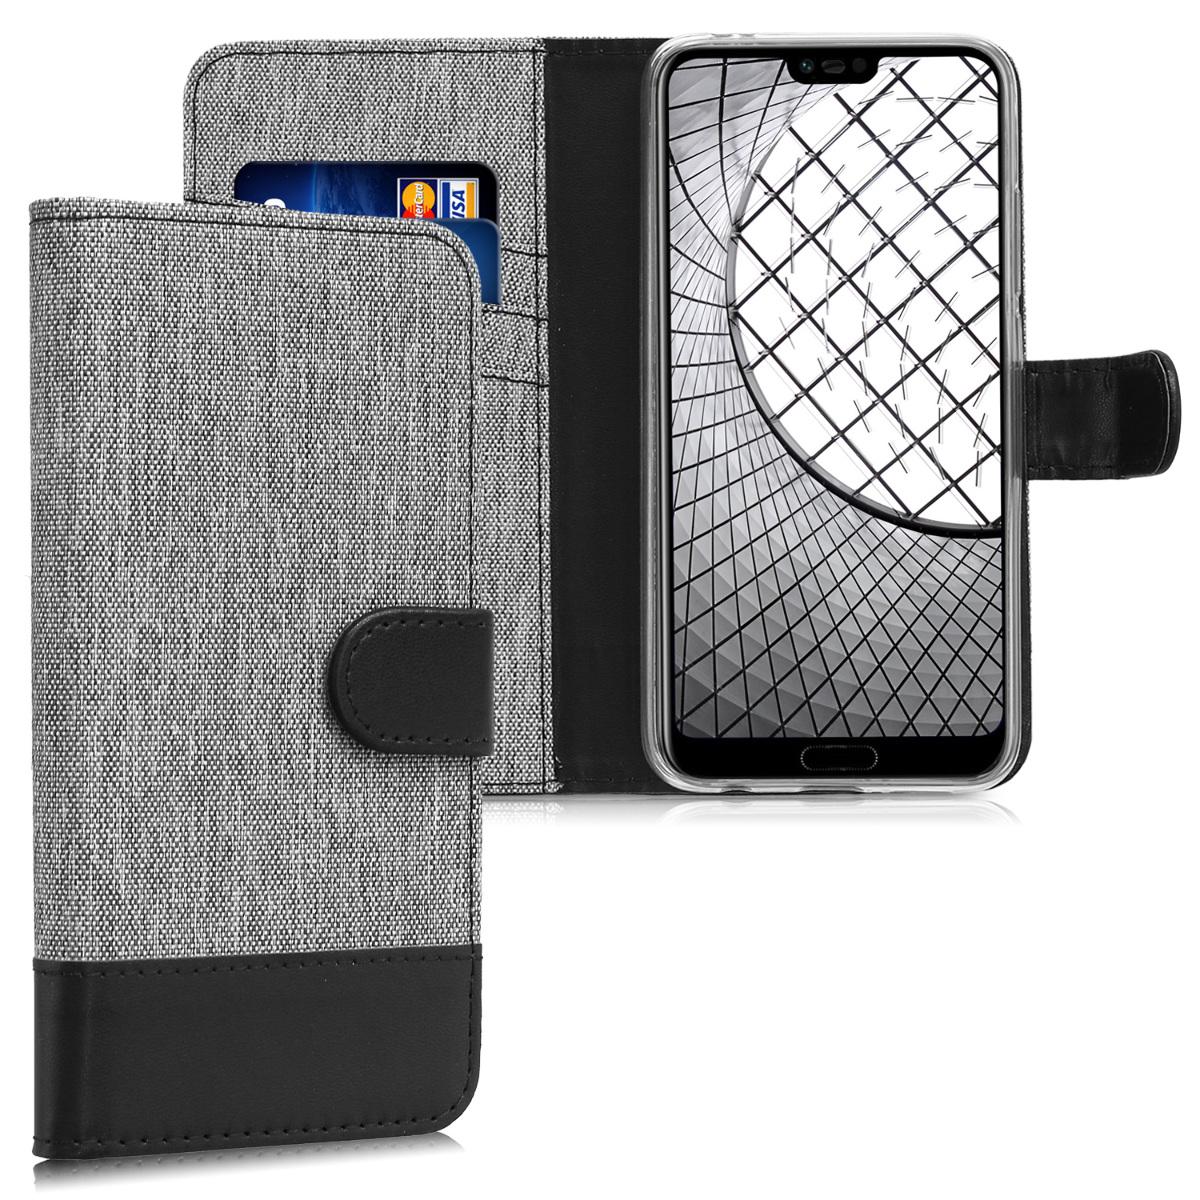 KW Θήκη Πορτοφόλι Huawei Honor 10 - Grey / Black (44884.01)